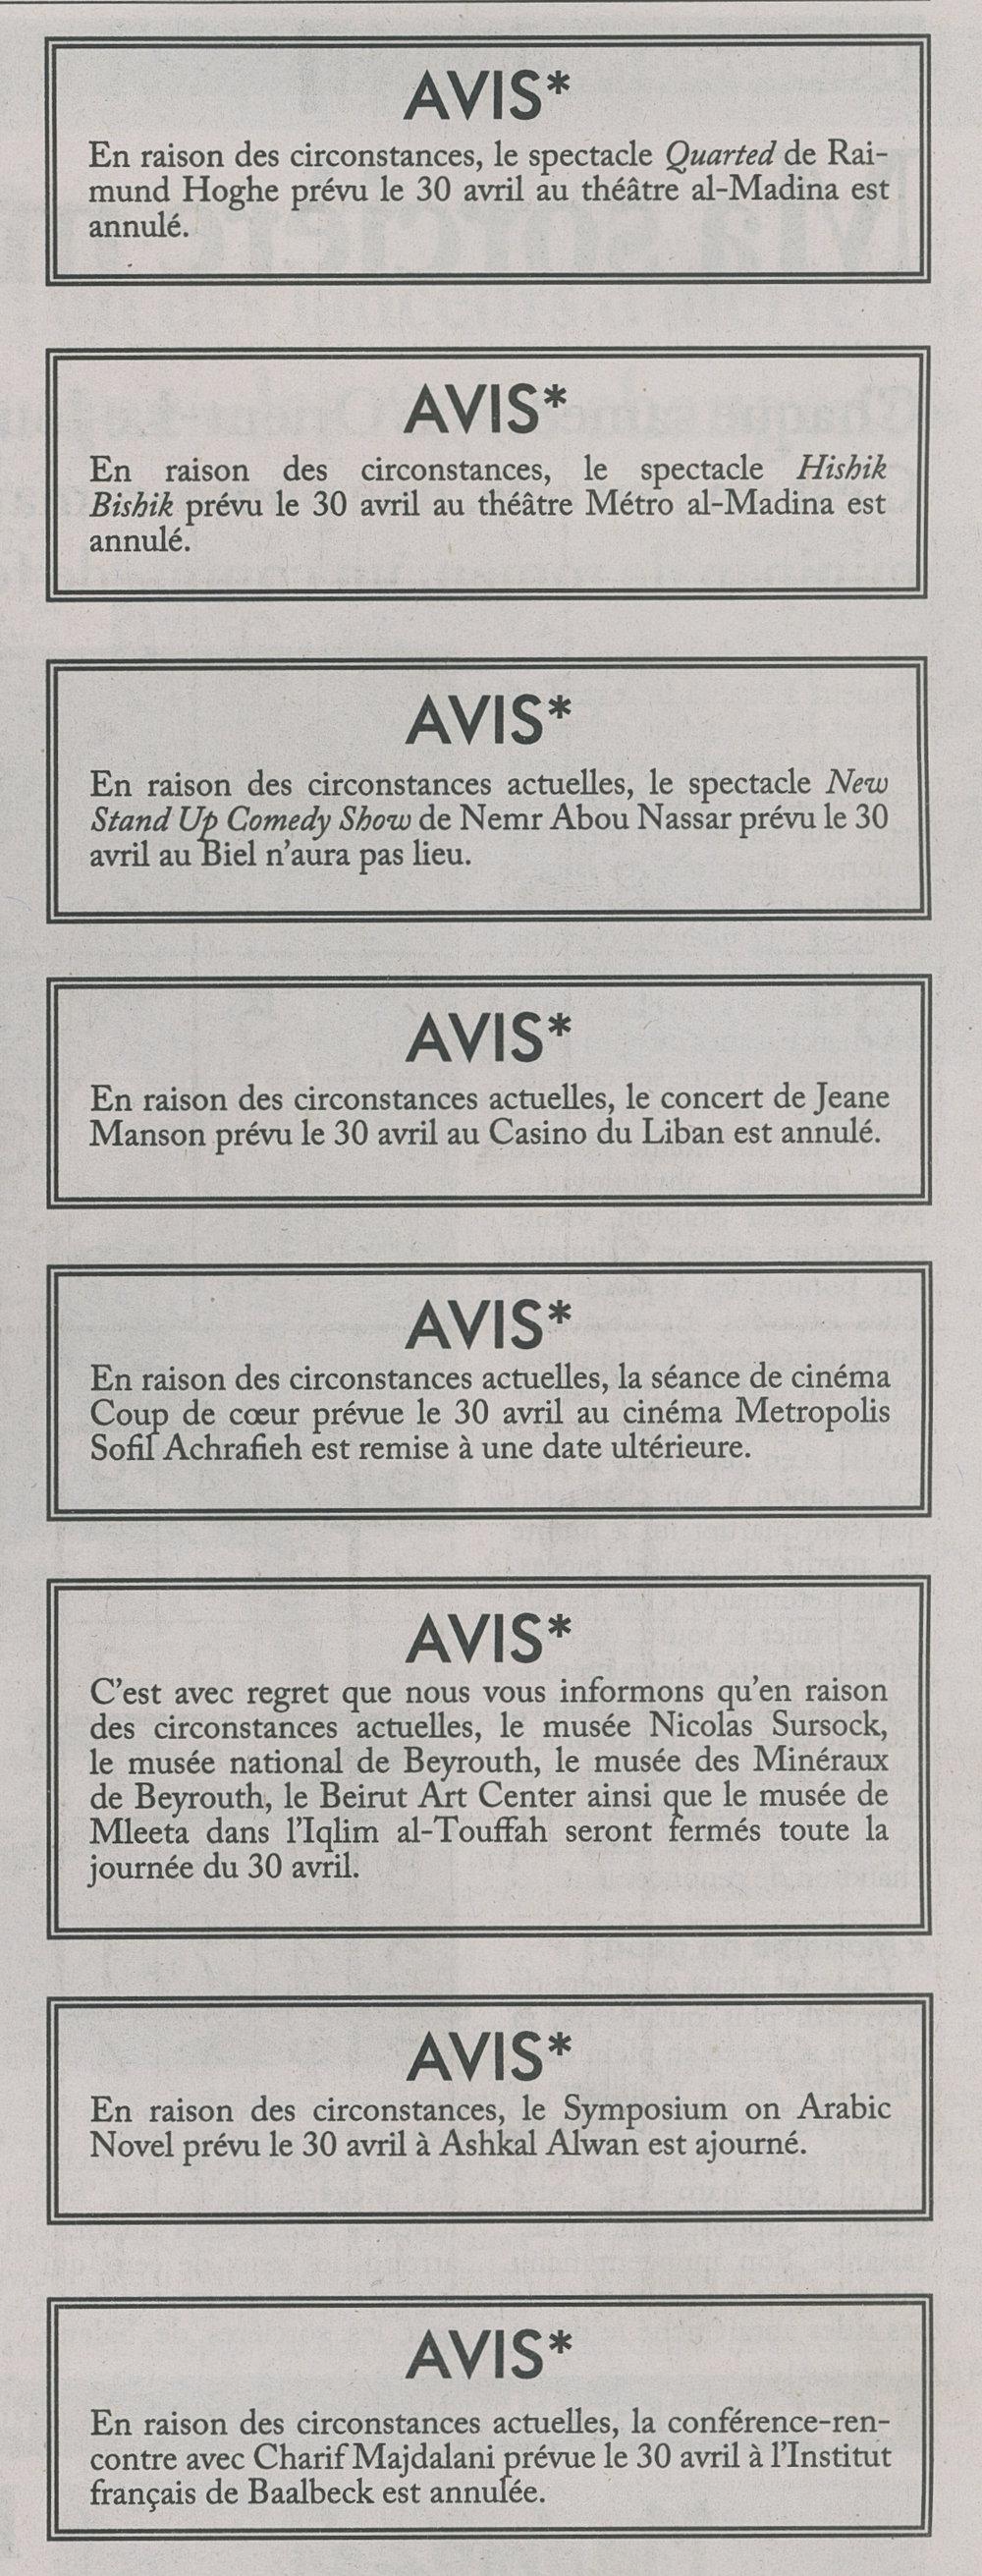 Avis_8.jpg